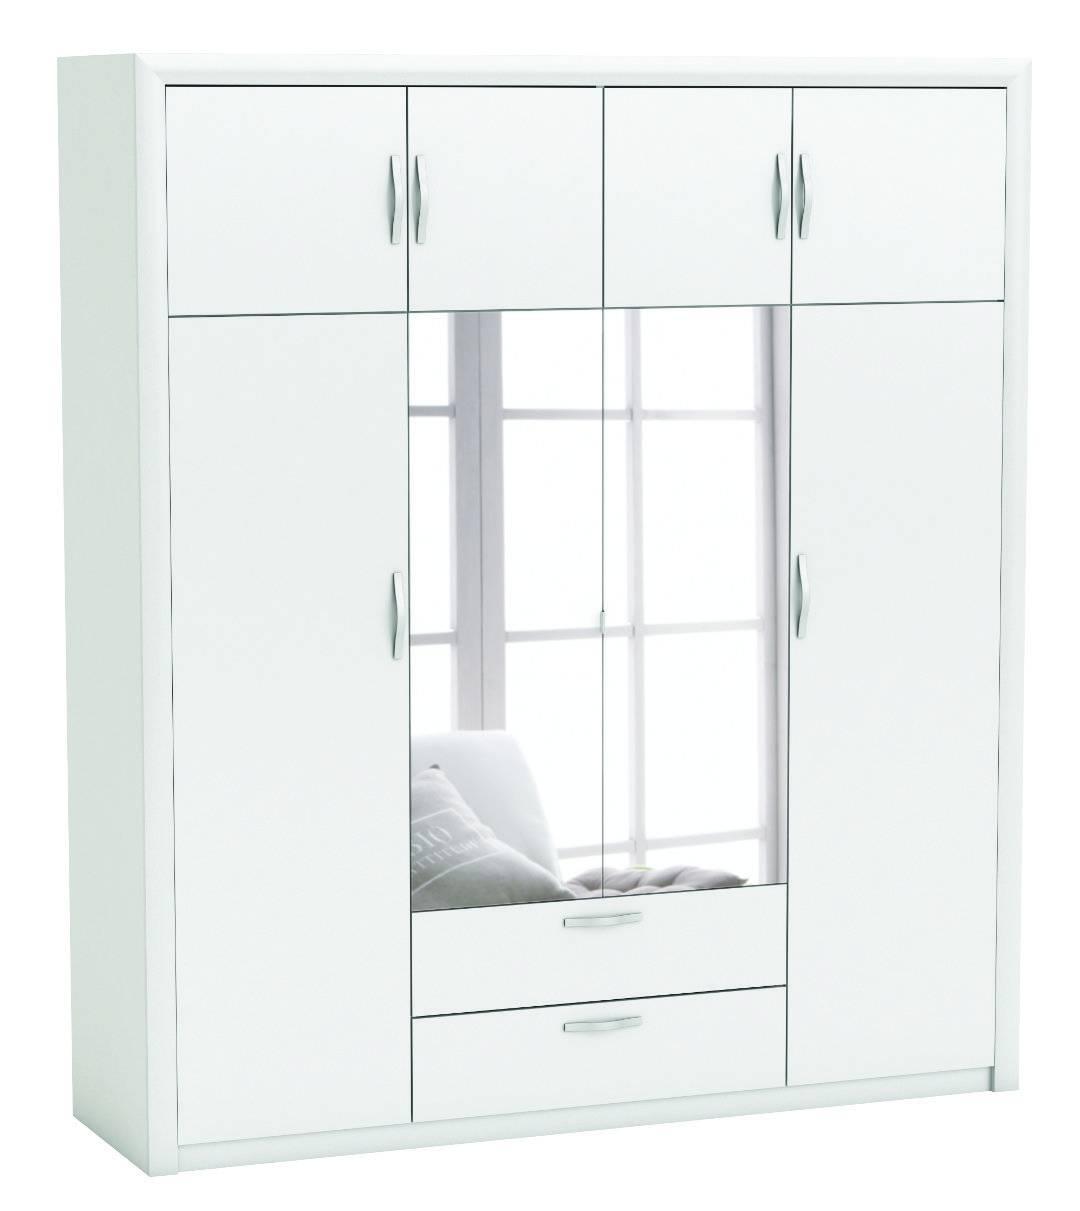 Ντουλάπα Odise-Λευκό